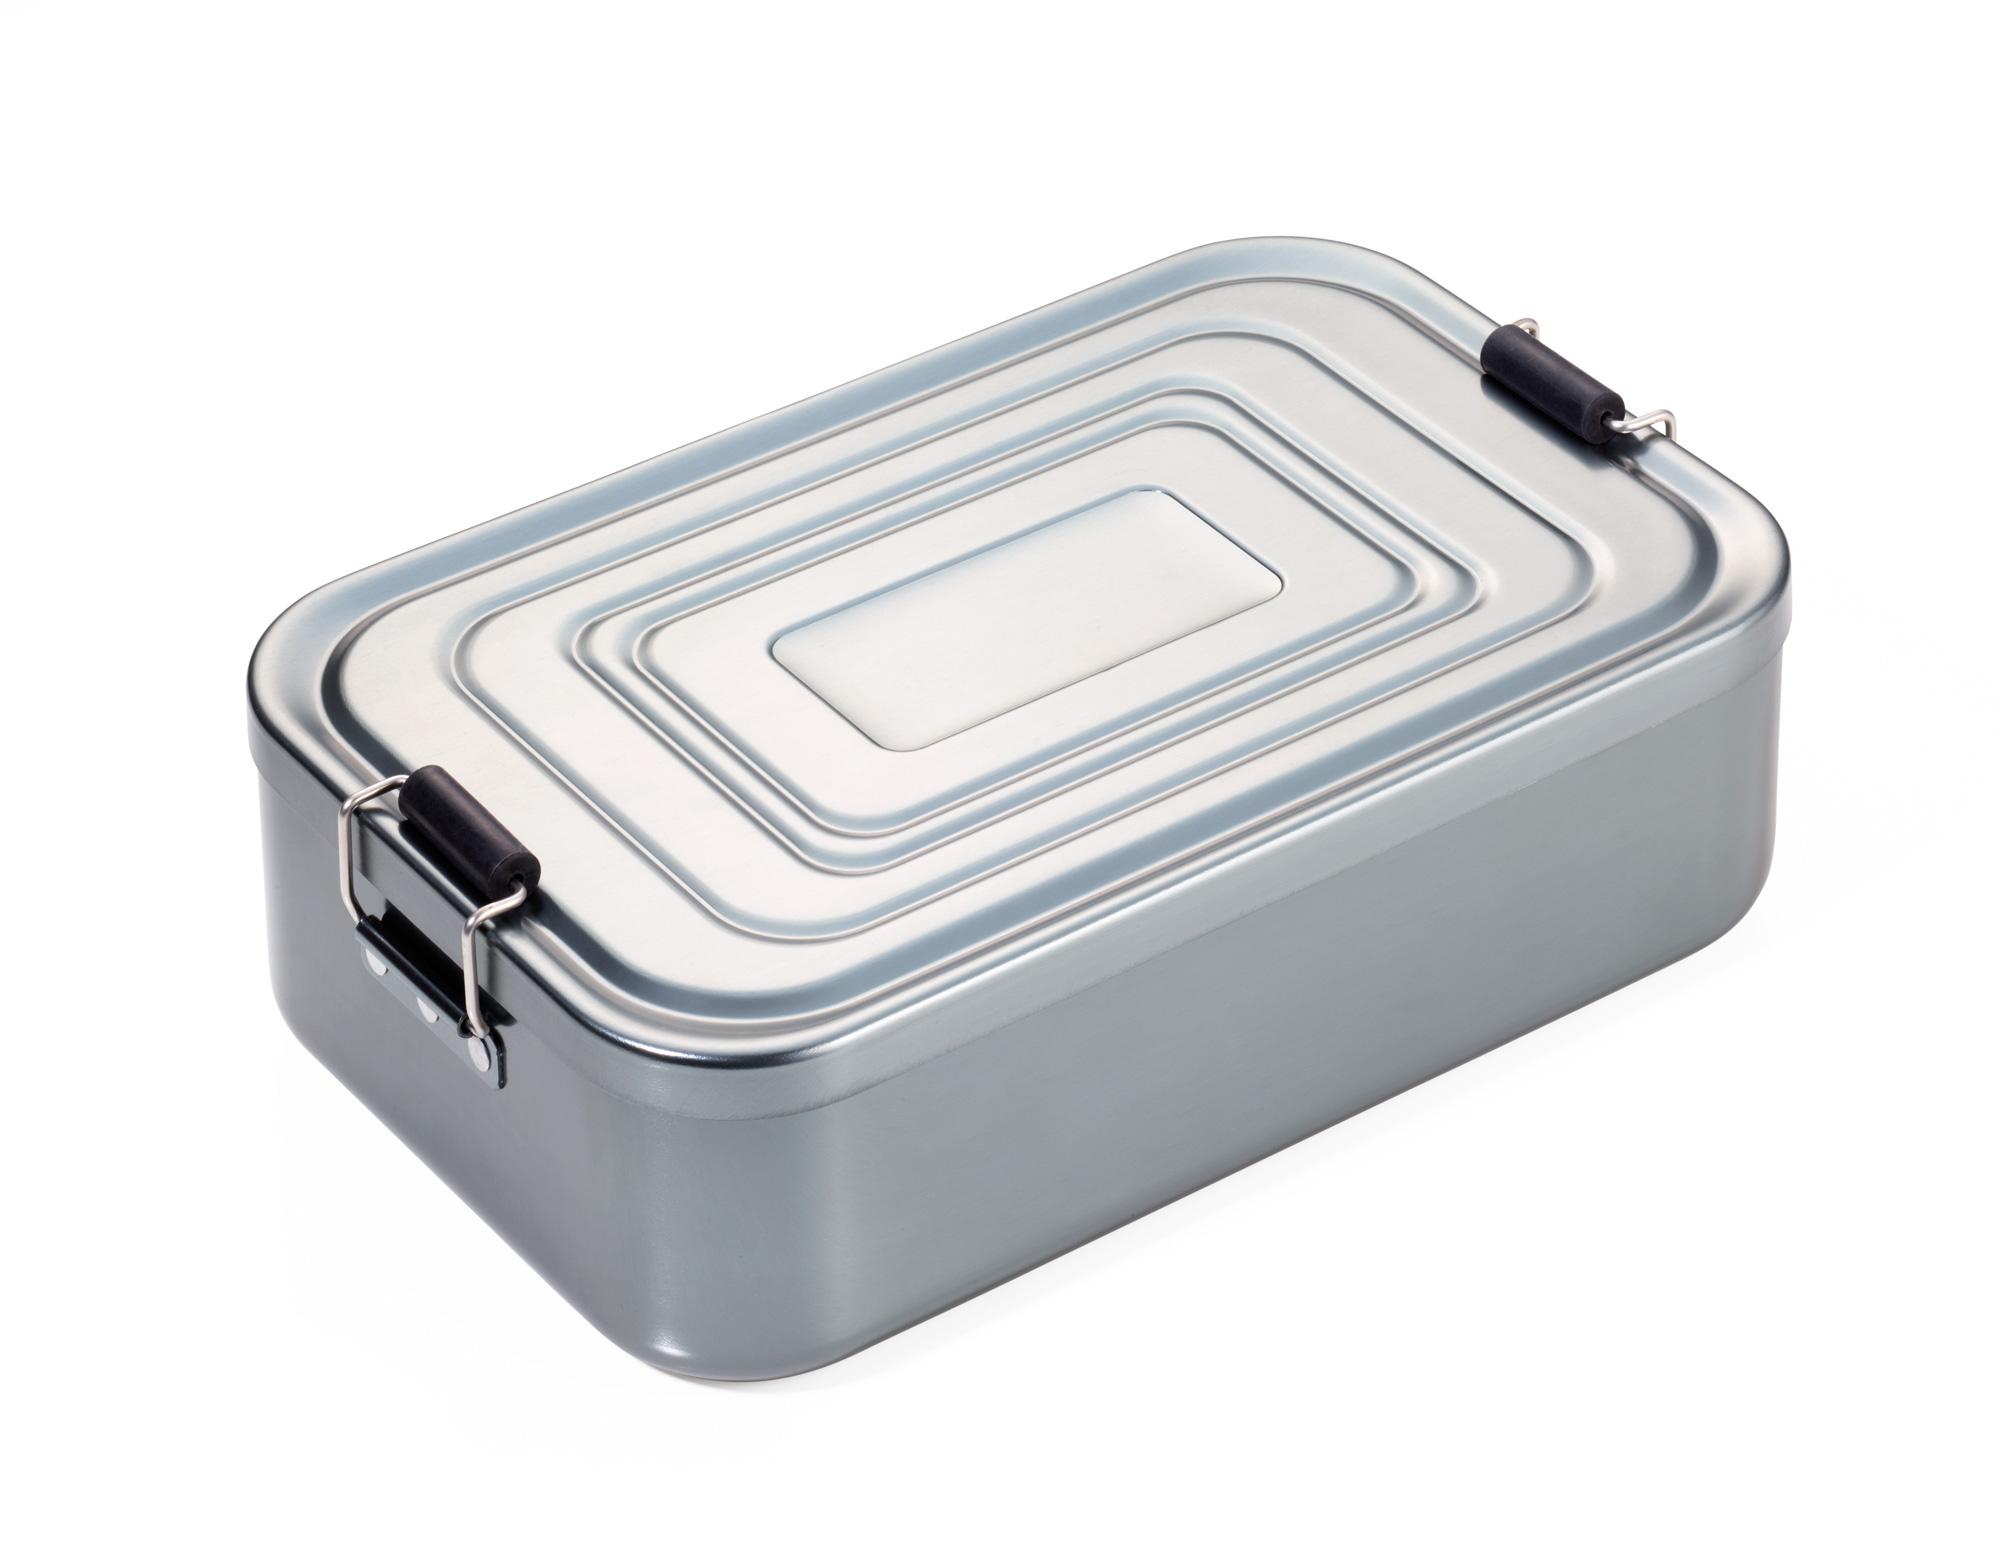 Lunch Box Xl Mit Bügelverschluss Troika Lunchbox Xl